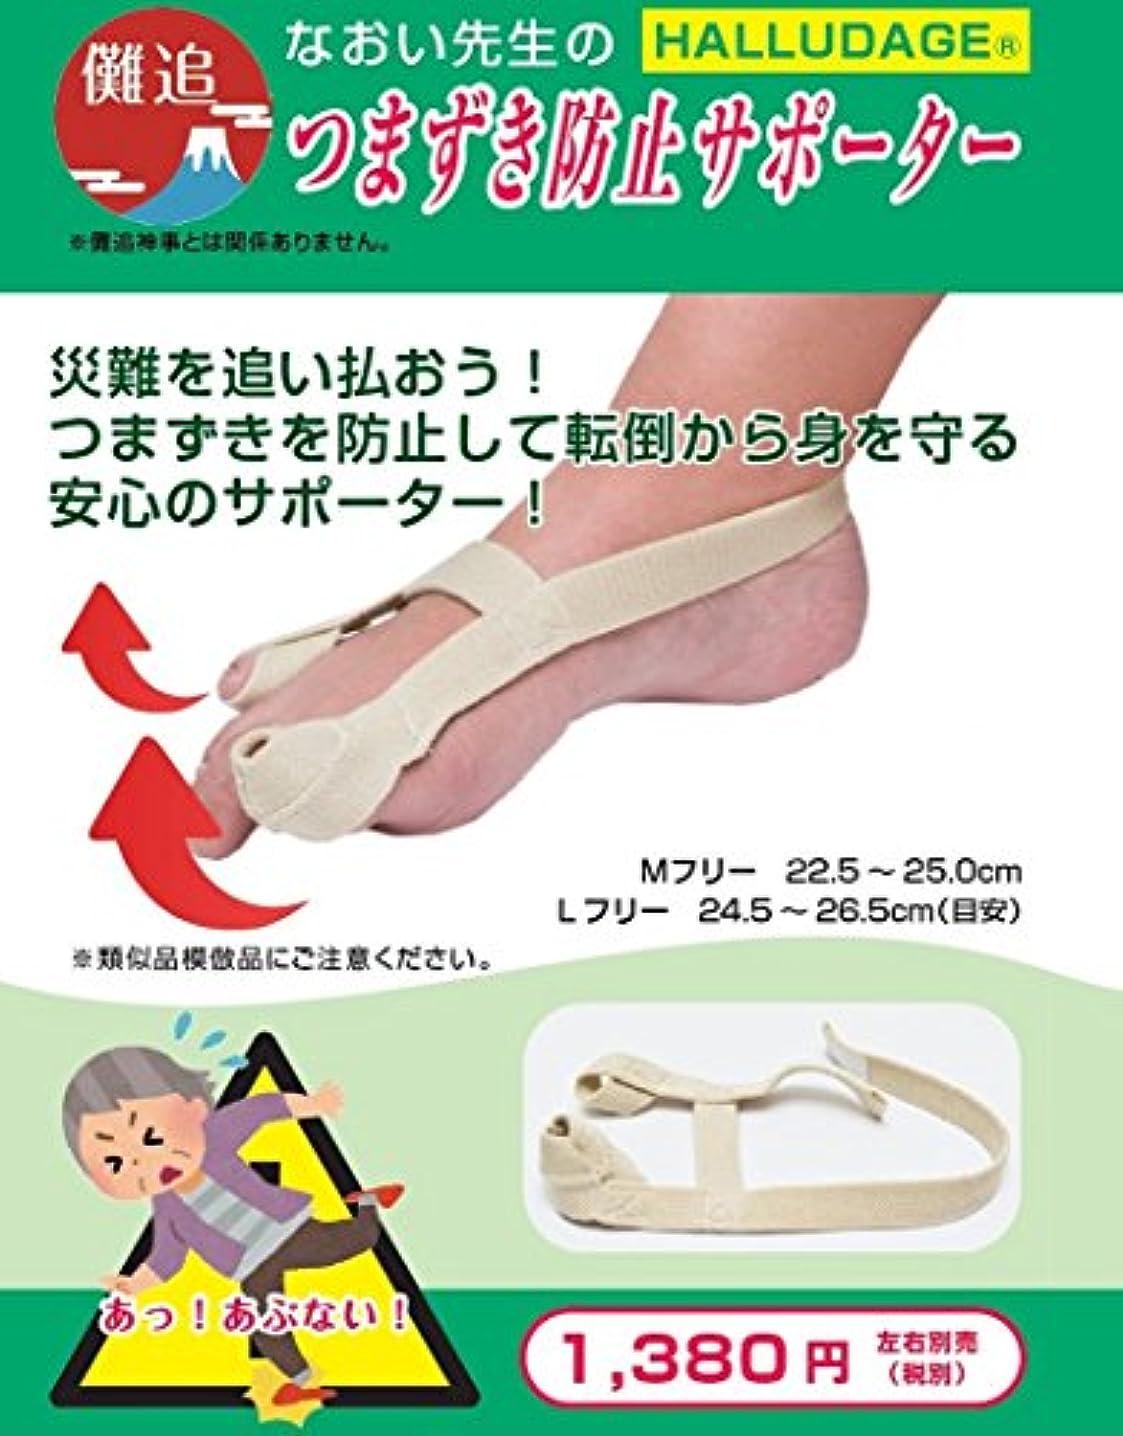 虚弱距離告白なおい先生の「つまずき防止サポーター」 (右足用 M フリーサイズ 22.5~25.0cm )